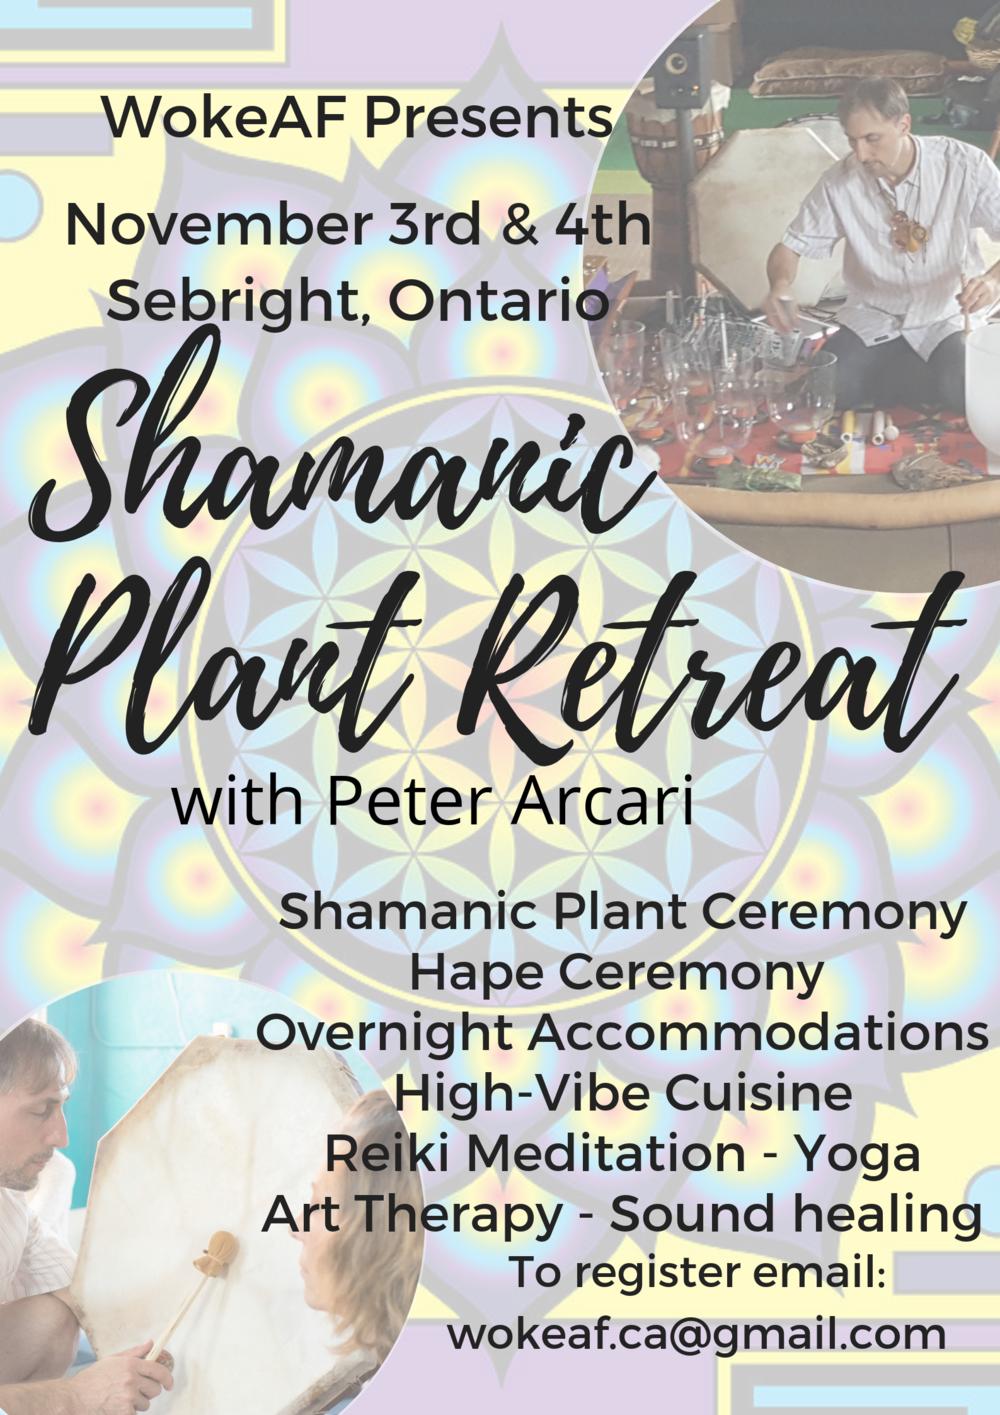 shamanicplantretreat (4).png